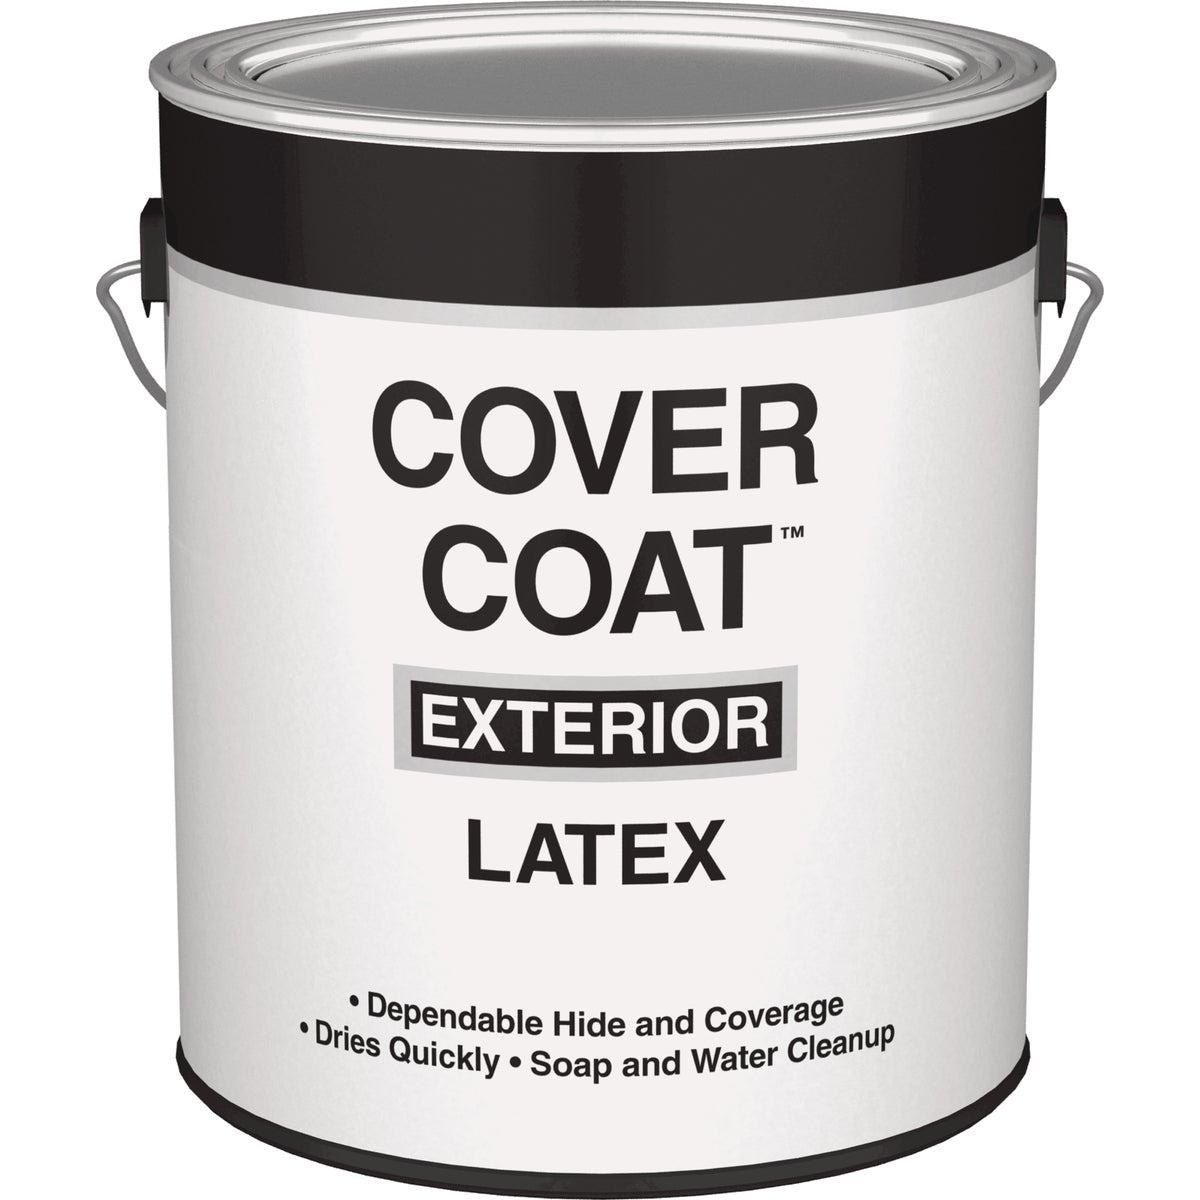 EXT S/G WHITE PAINT - 044.0000755.007 by Valspar Corp